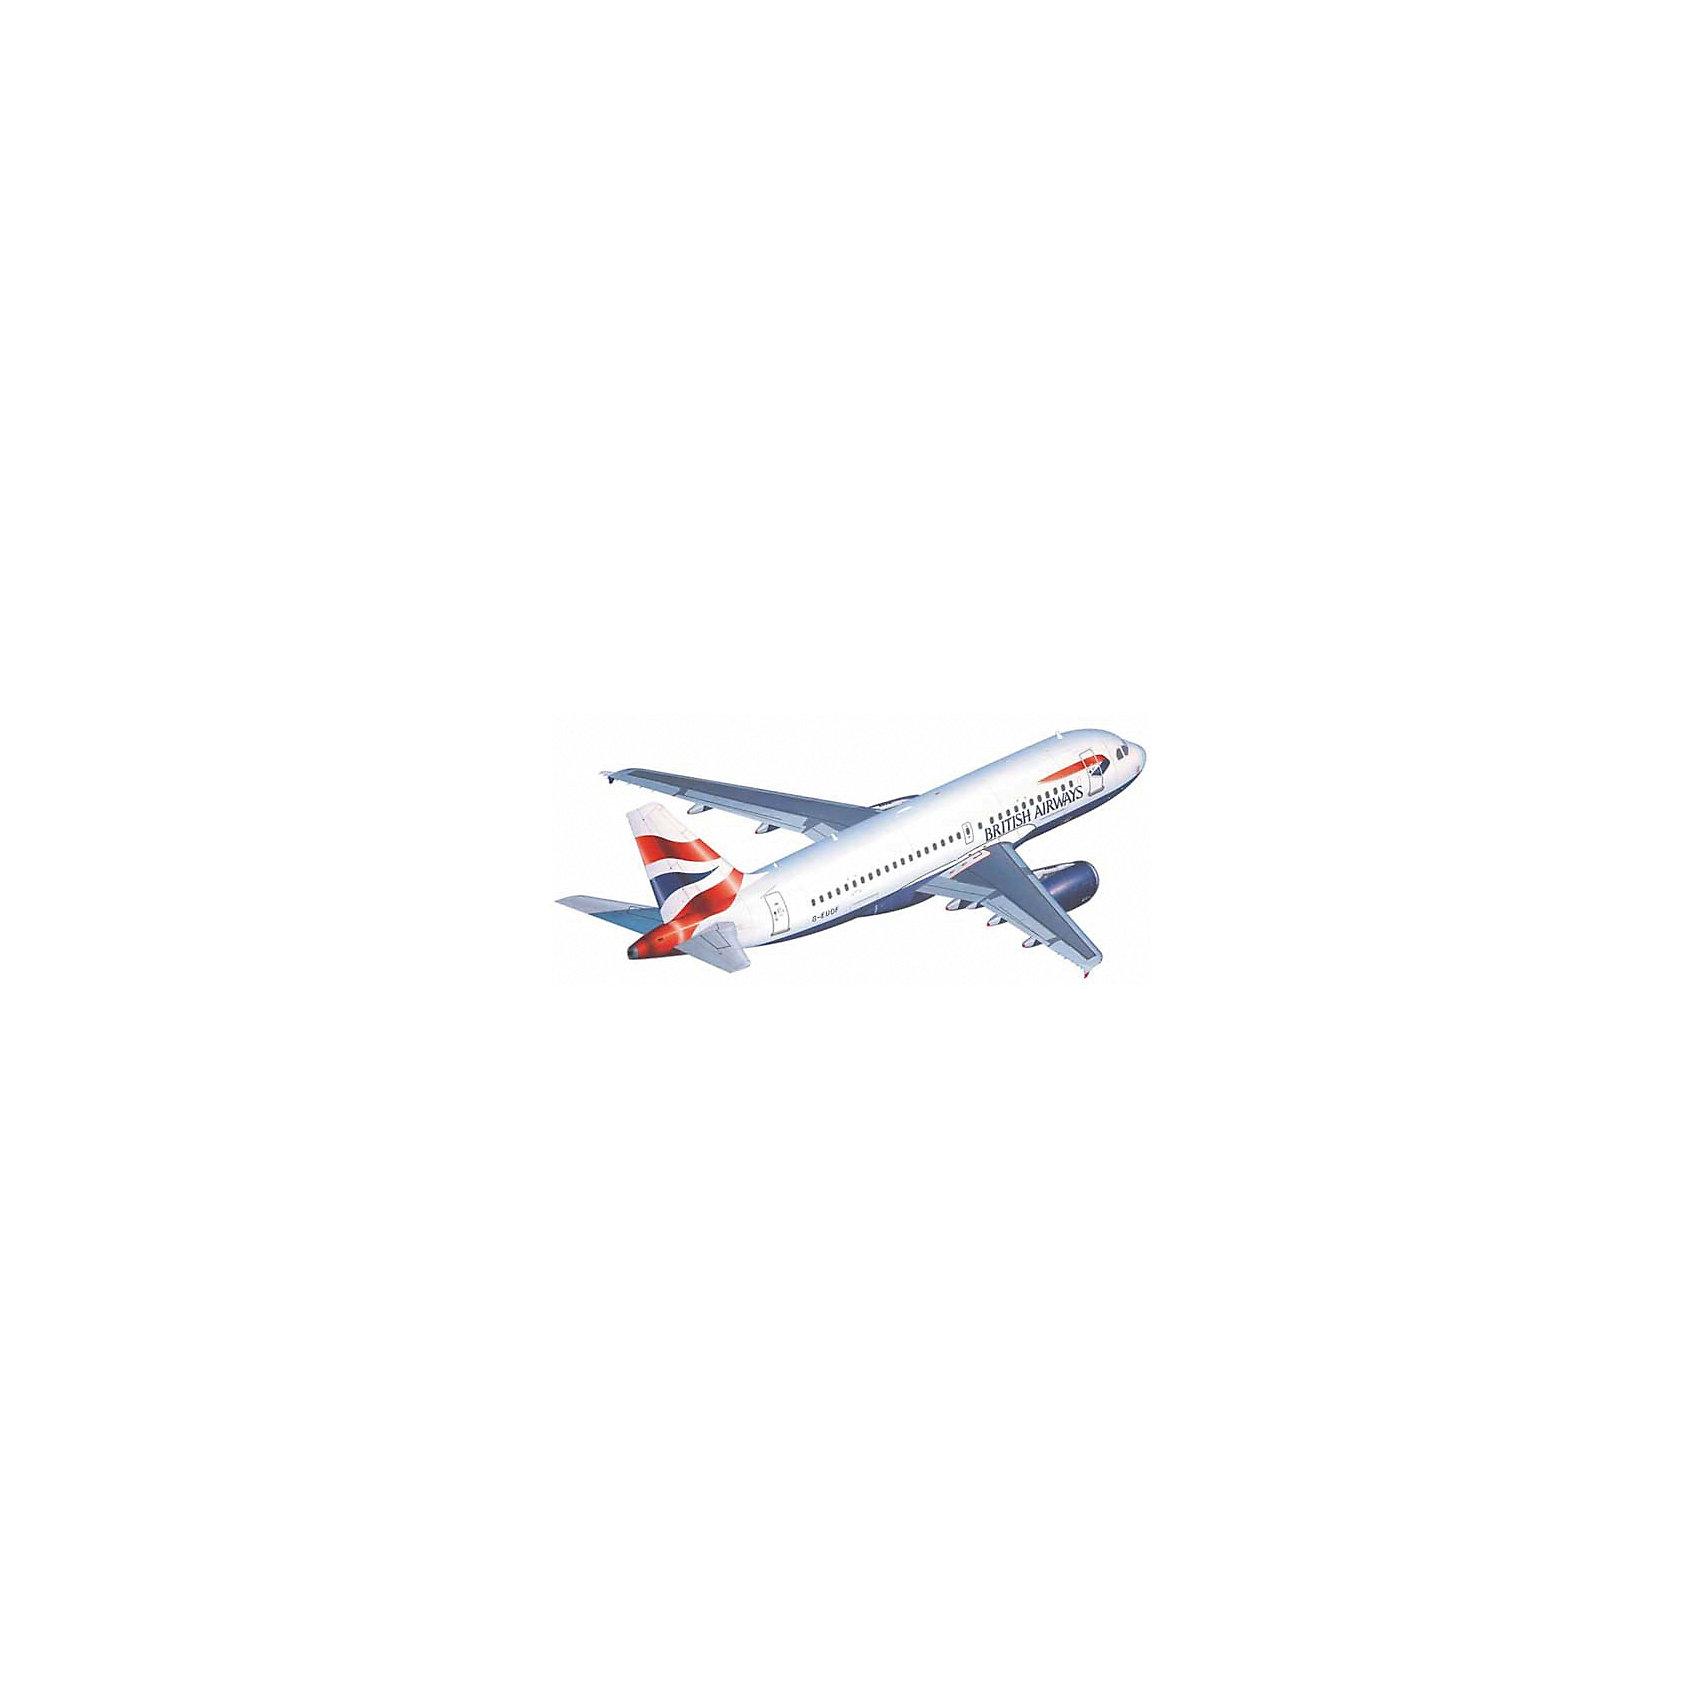 Аэробус Airbus A 319Модели для склеивания<br>Airbus A320 — семейство узкофюзеляжных самолётов для авиалиний малой и средней протяжённости. Первый самолет был выпущен в 1988 году. Сейчас в эксплуатации находятся 5327 машин.  Модификация A 319 отличается от своего предшественника более укороченным фюзеляжем.  Инженеры Airbus добились этого за за счёт уменьшения количества пассажирских кресел на два ряда <br>Масштаб: 1:144 <br>Количество деталей: 65 <br>Длина модели: 234 мм <br>Размах крыльев: 235 мм <br>Подойдет для детей старше 10-и лет <br>Клей, краски и кисточки приобретаются отдельно<br><br>Ширина мм: 351<br>Глубина мм: 212<br>Высота мм: 44<br>Вес г: 220<br>Возраст от месяцев: 168<br>Возраст до месяцев: 1164<br>Пол: Мужской<br>Возраст: Детский<br>SKU: 1442138